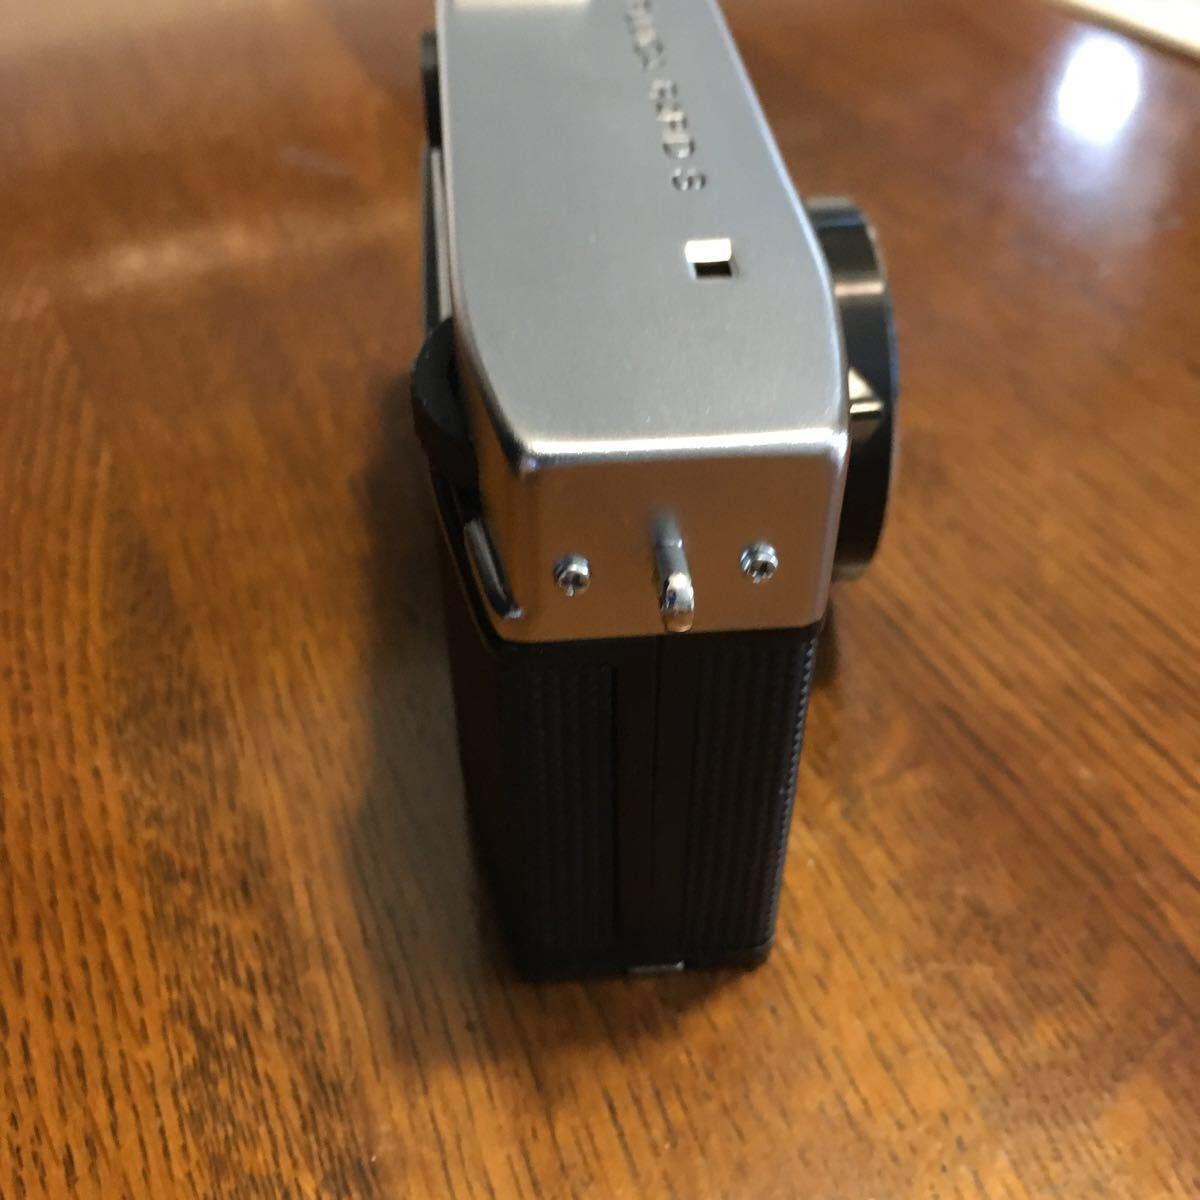 F32 フィルムカメラ FUJICA RAPID S ジャンク 現状渡し 説明書 箱 ケースあり _画像7